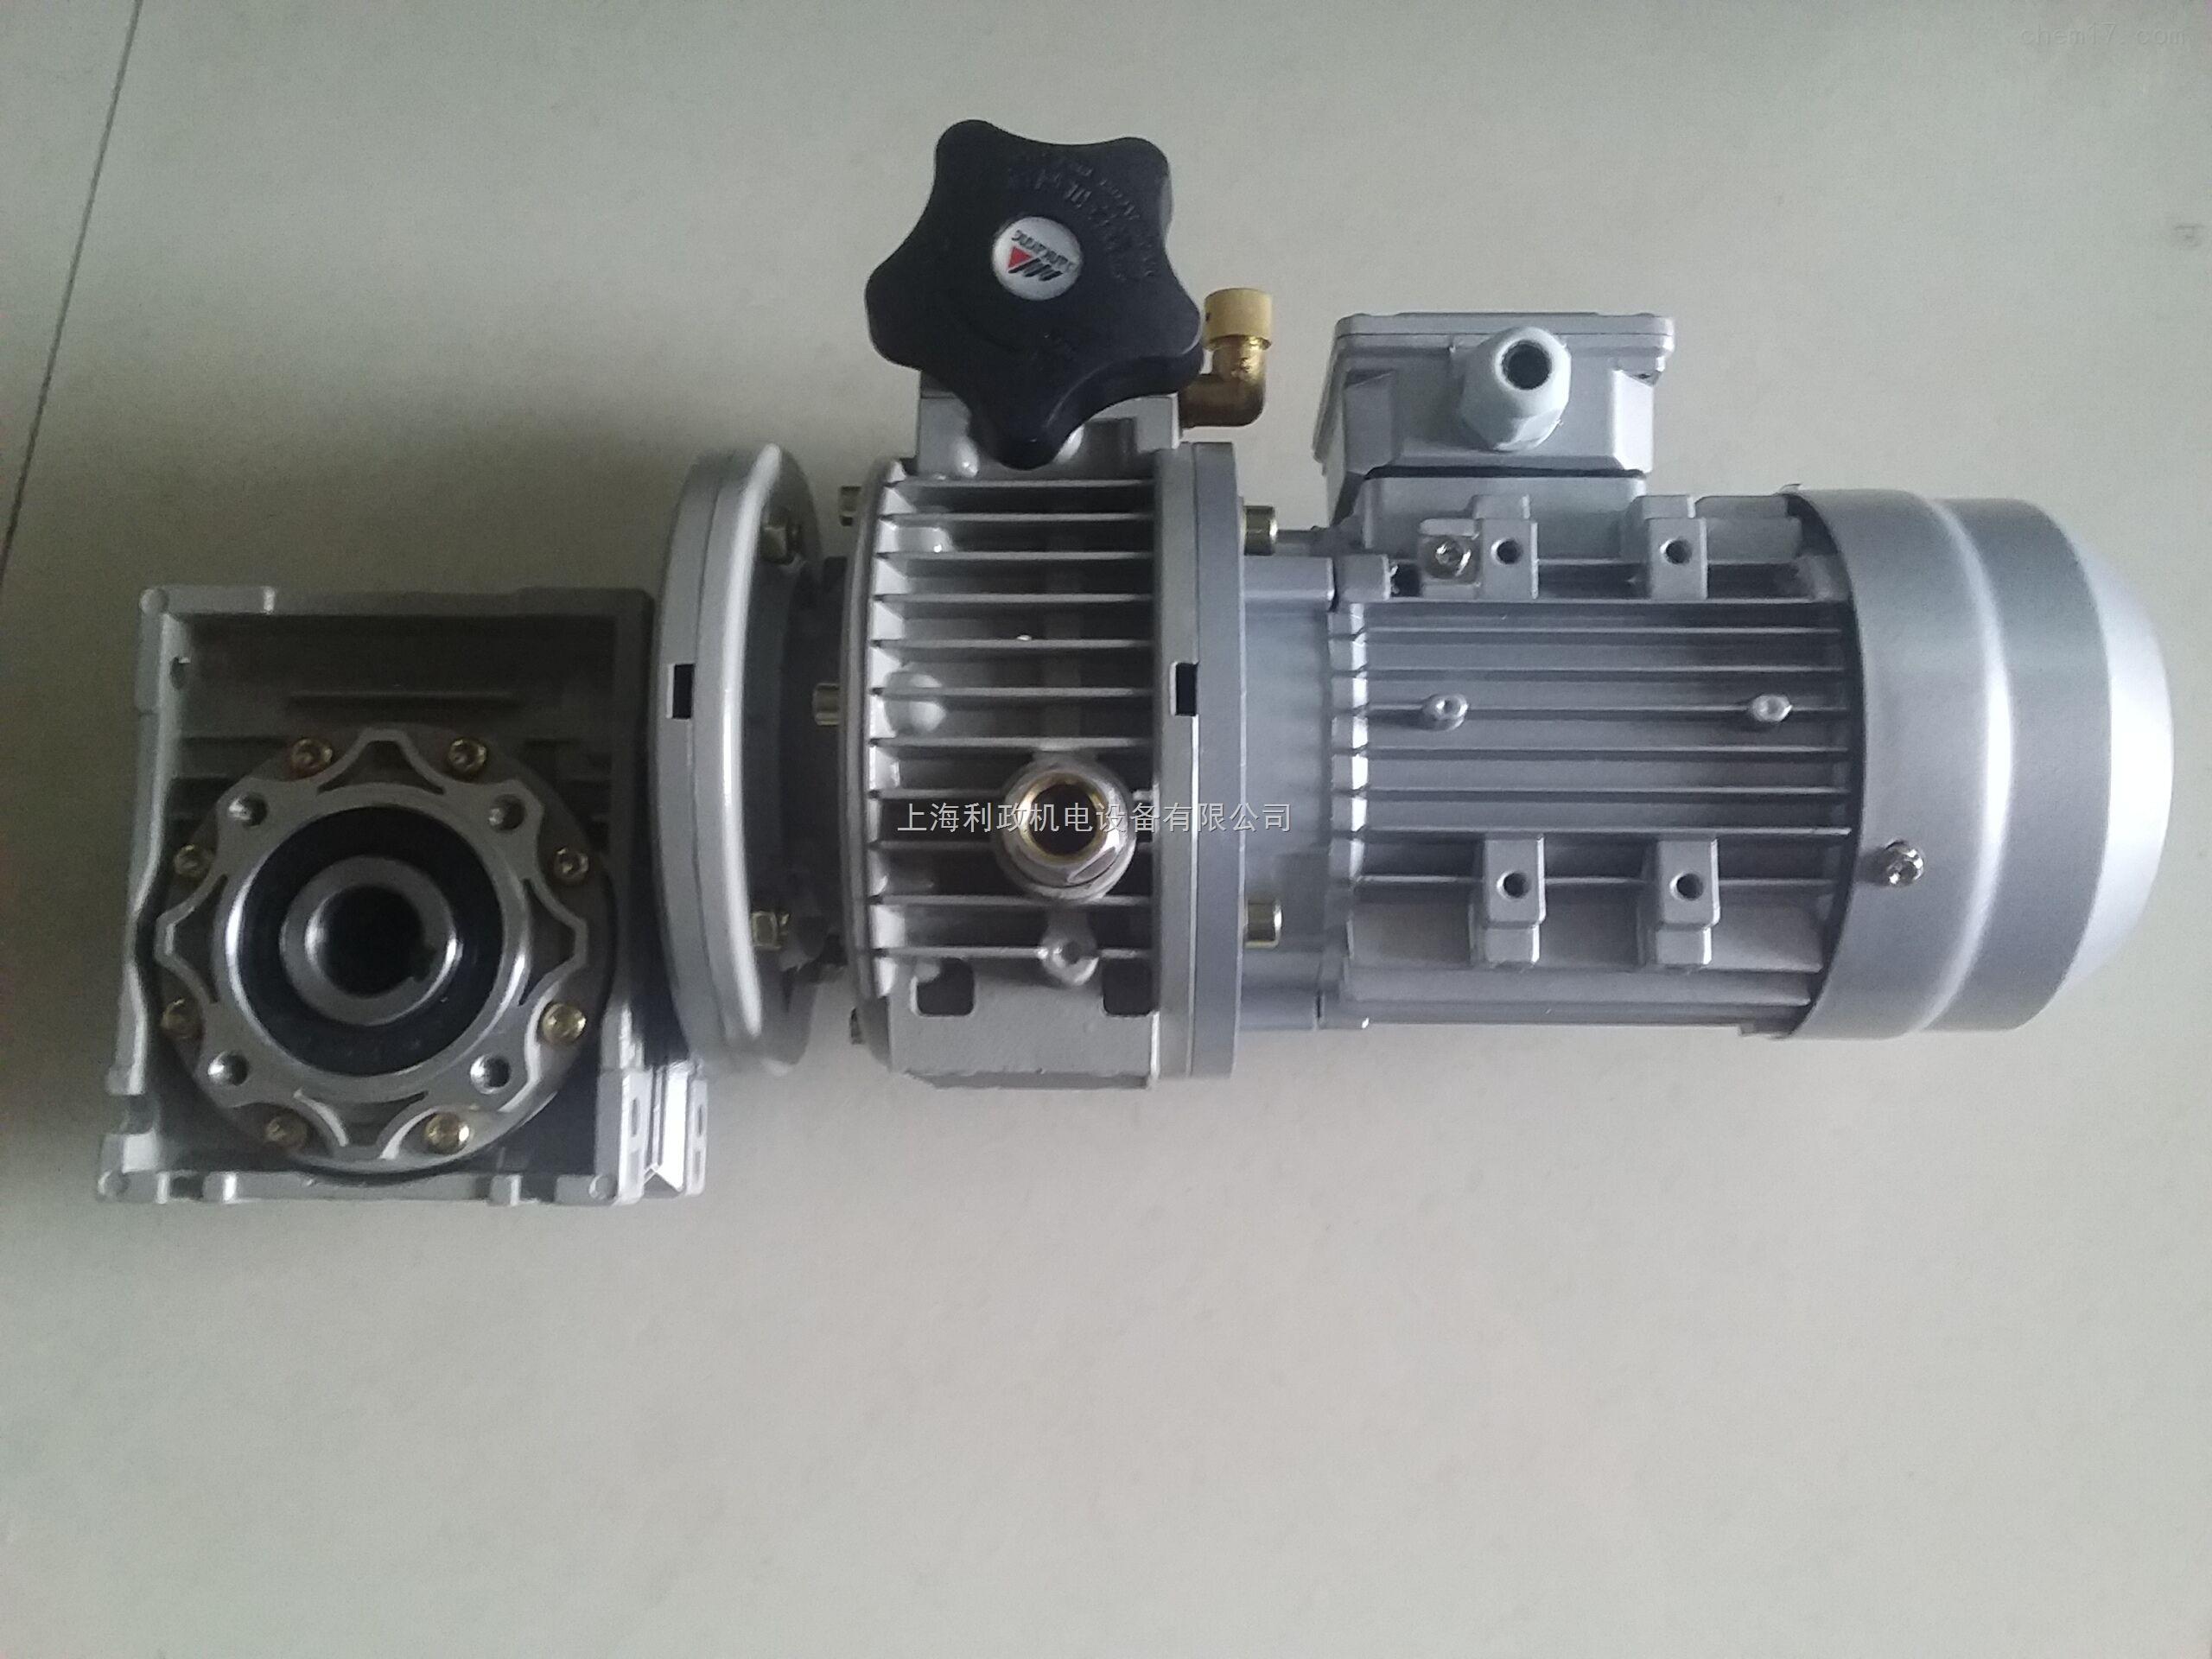 金华 瑞安UDL005涡轮无极变速机